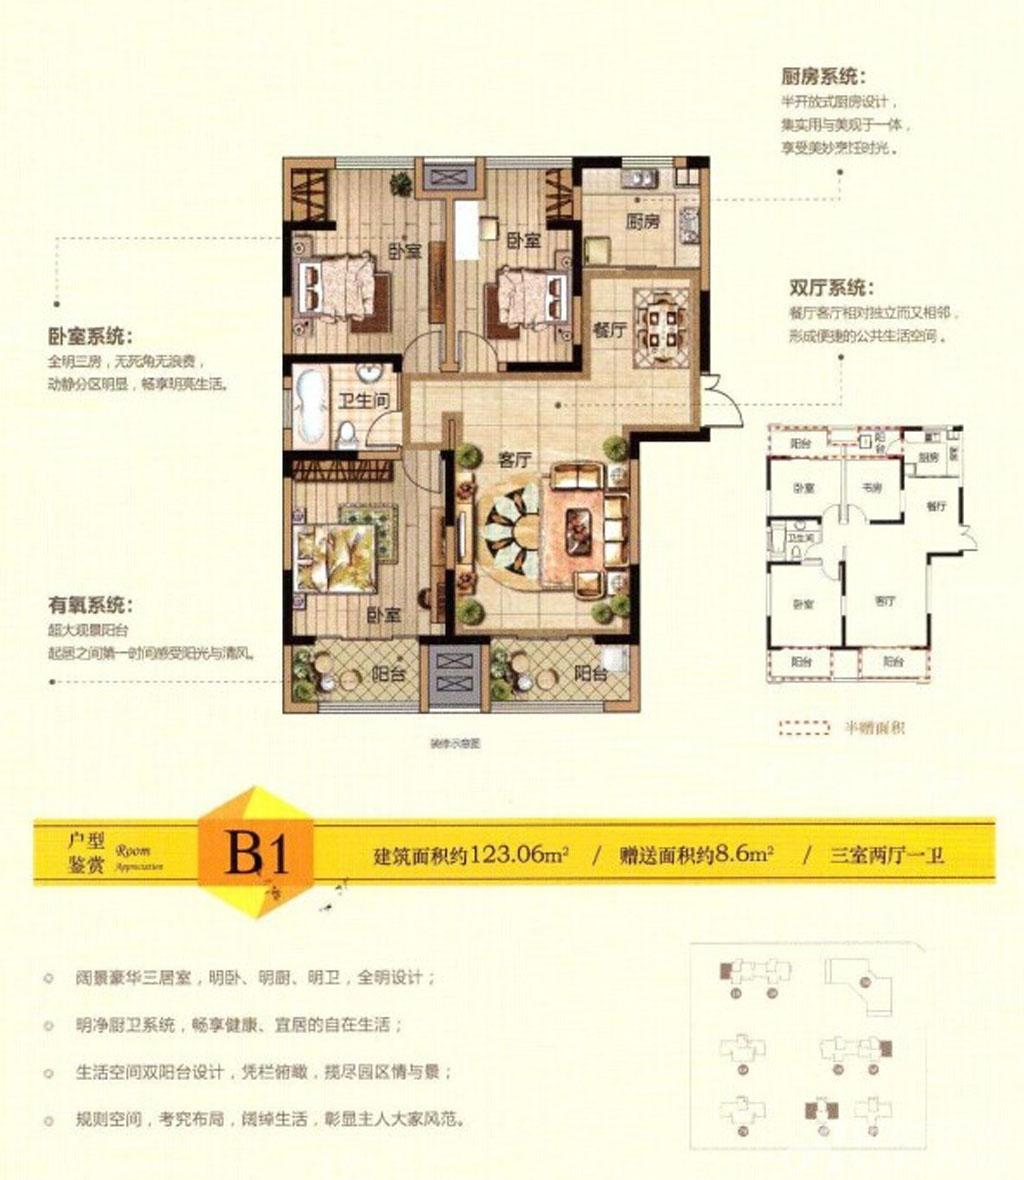 景徽国际B1户型3室2厅123.06平米